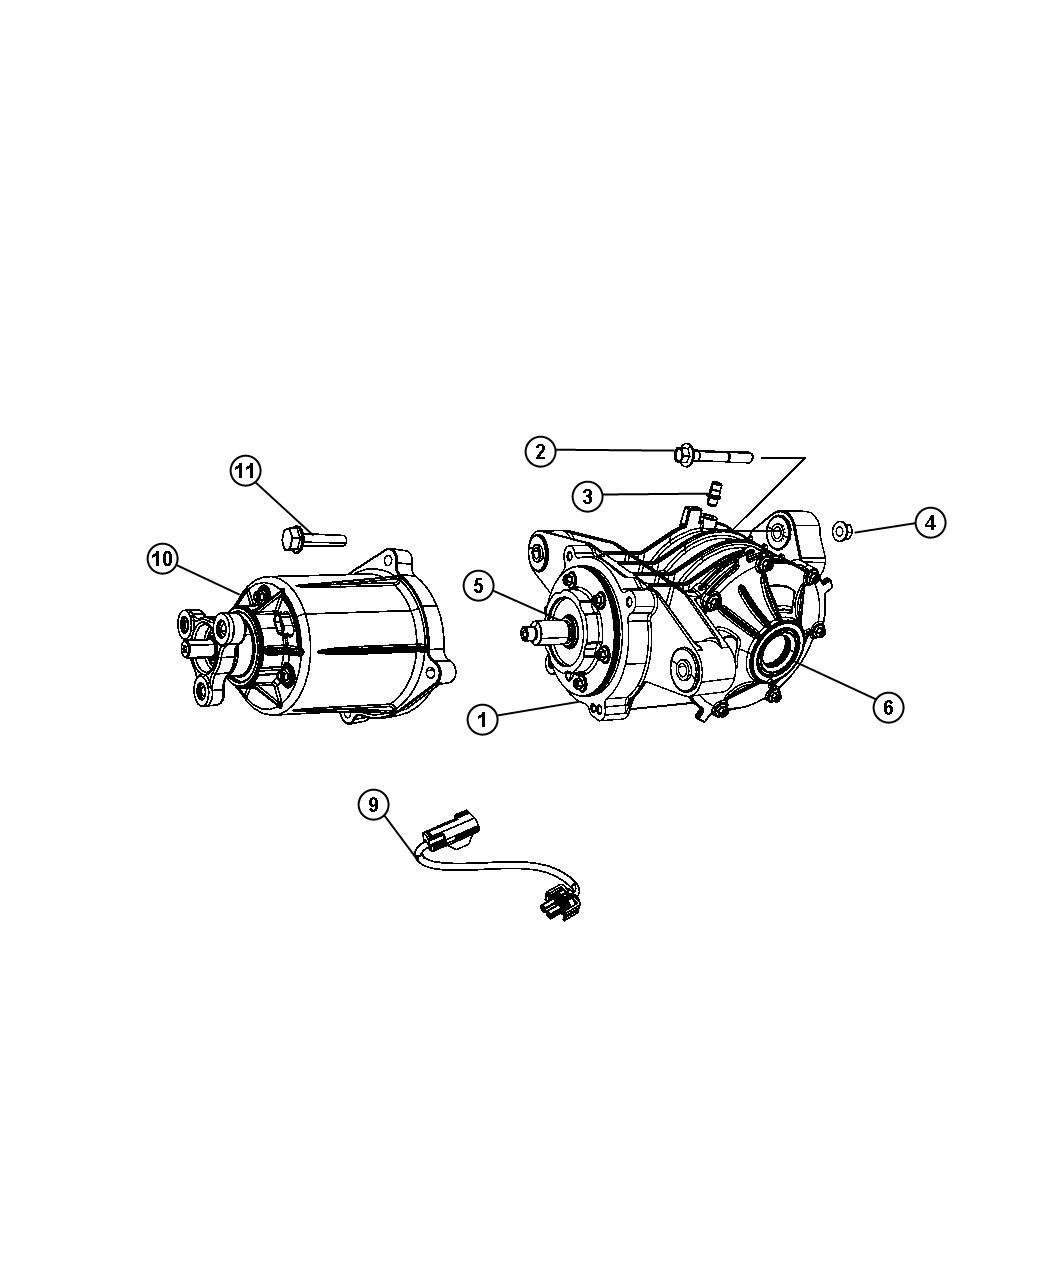 04809868ae  viscous unit kit  rear axle  bdorcviscous